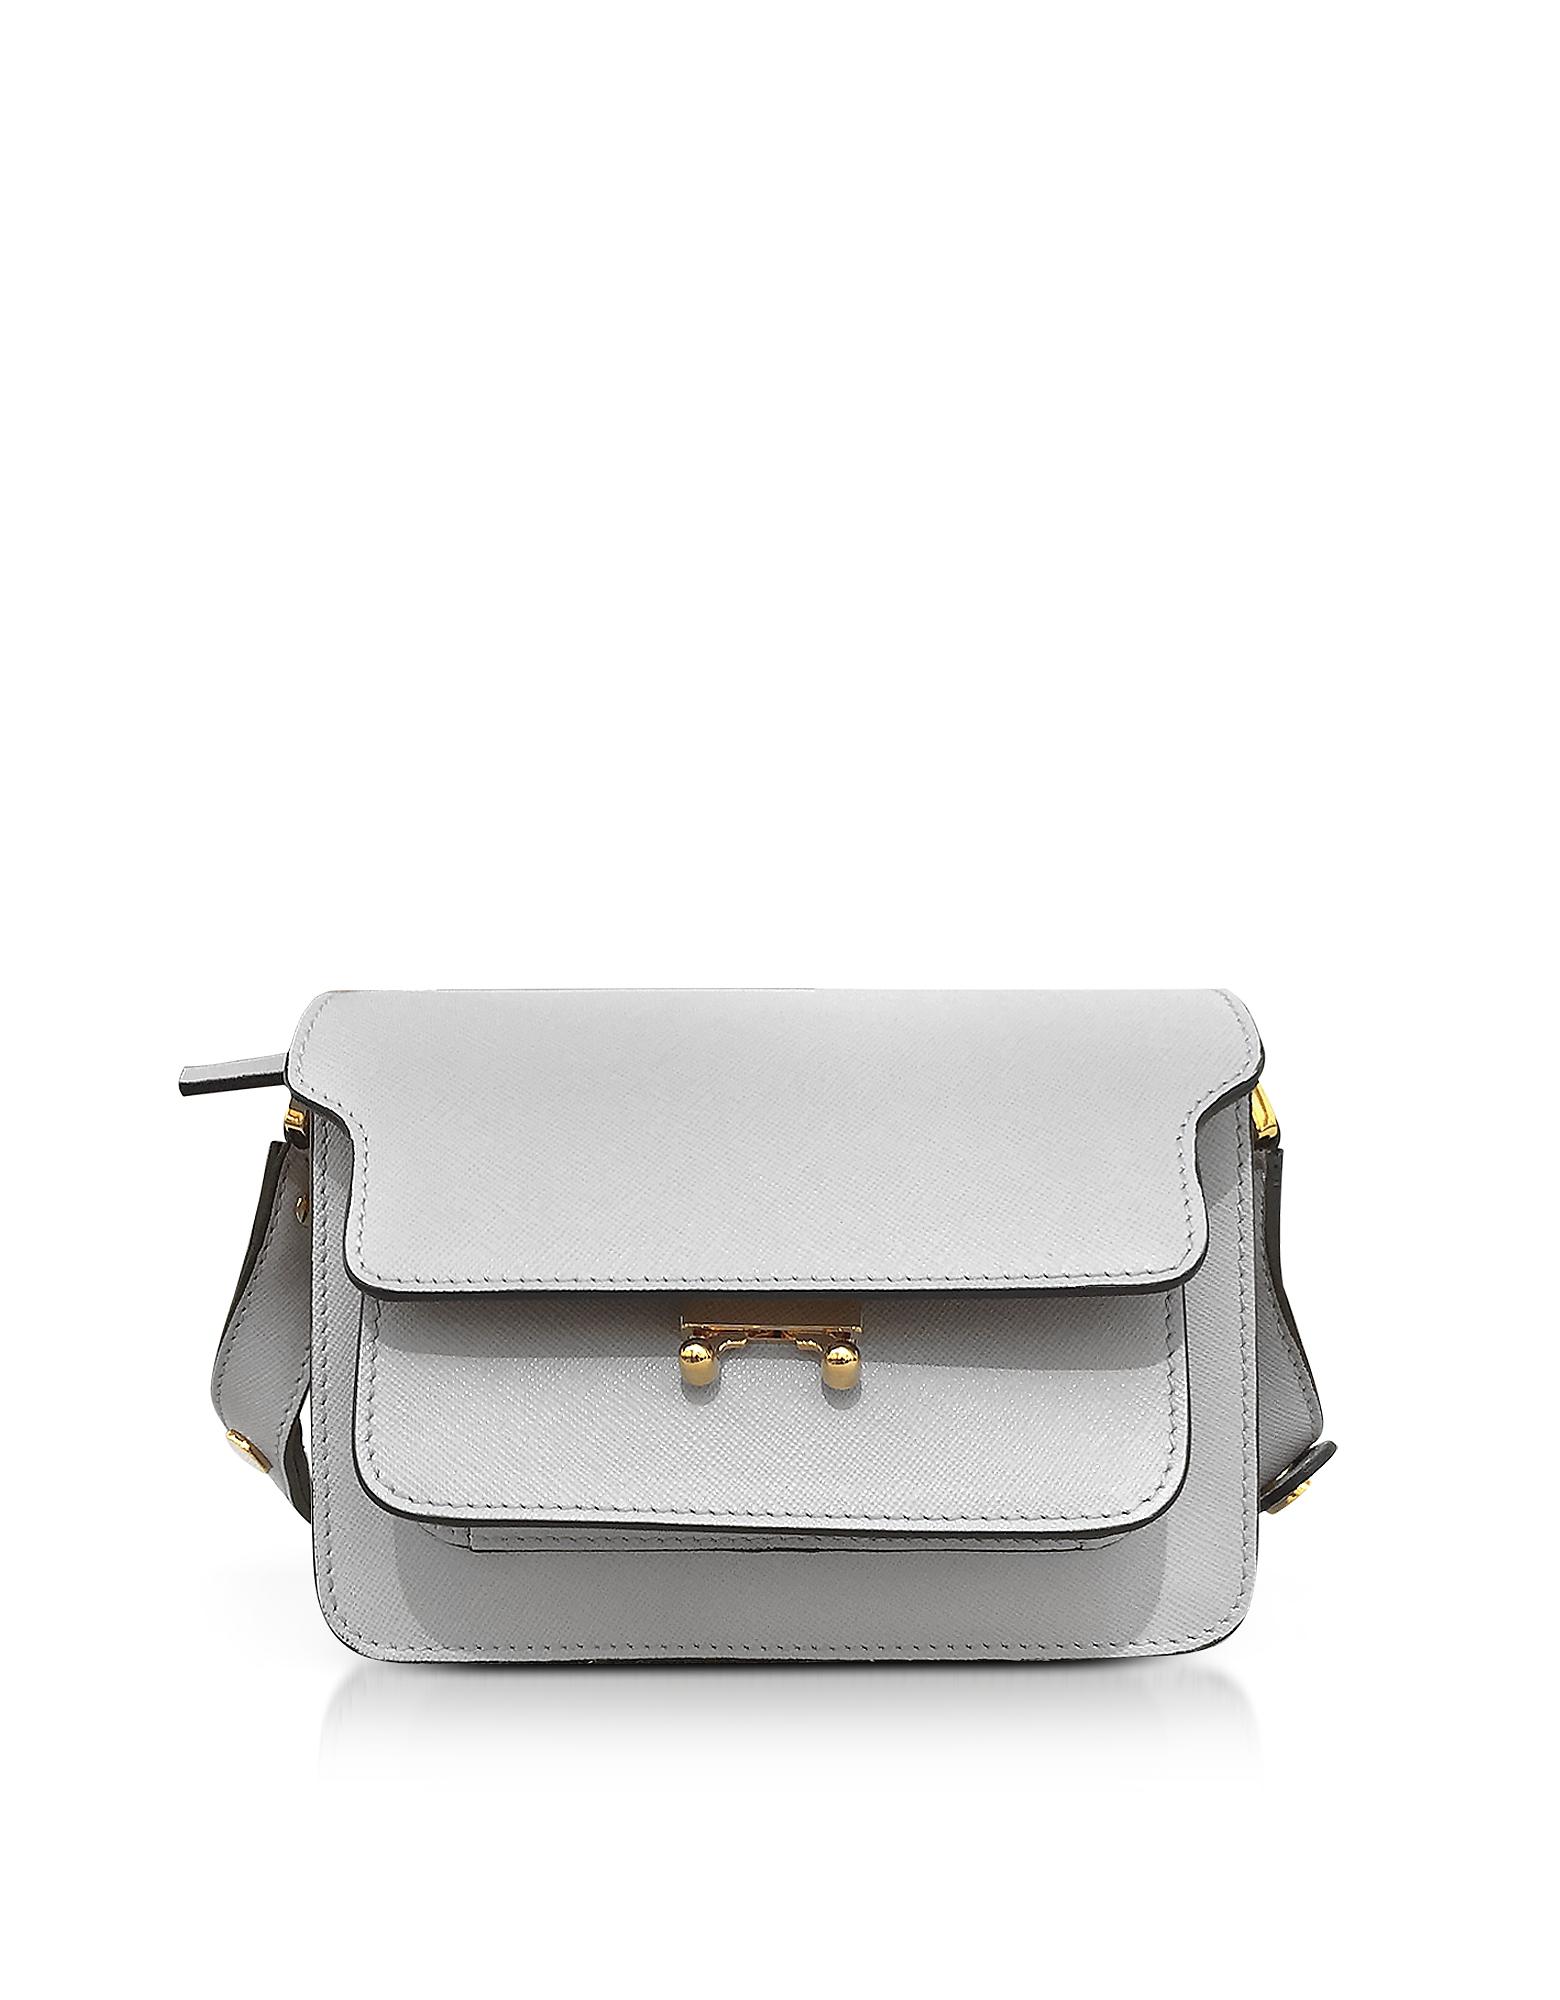 Marni Trunk Bag - Маленькая Сумка из Сафьяновой Кожи Оттенка Пеликан